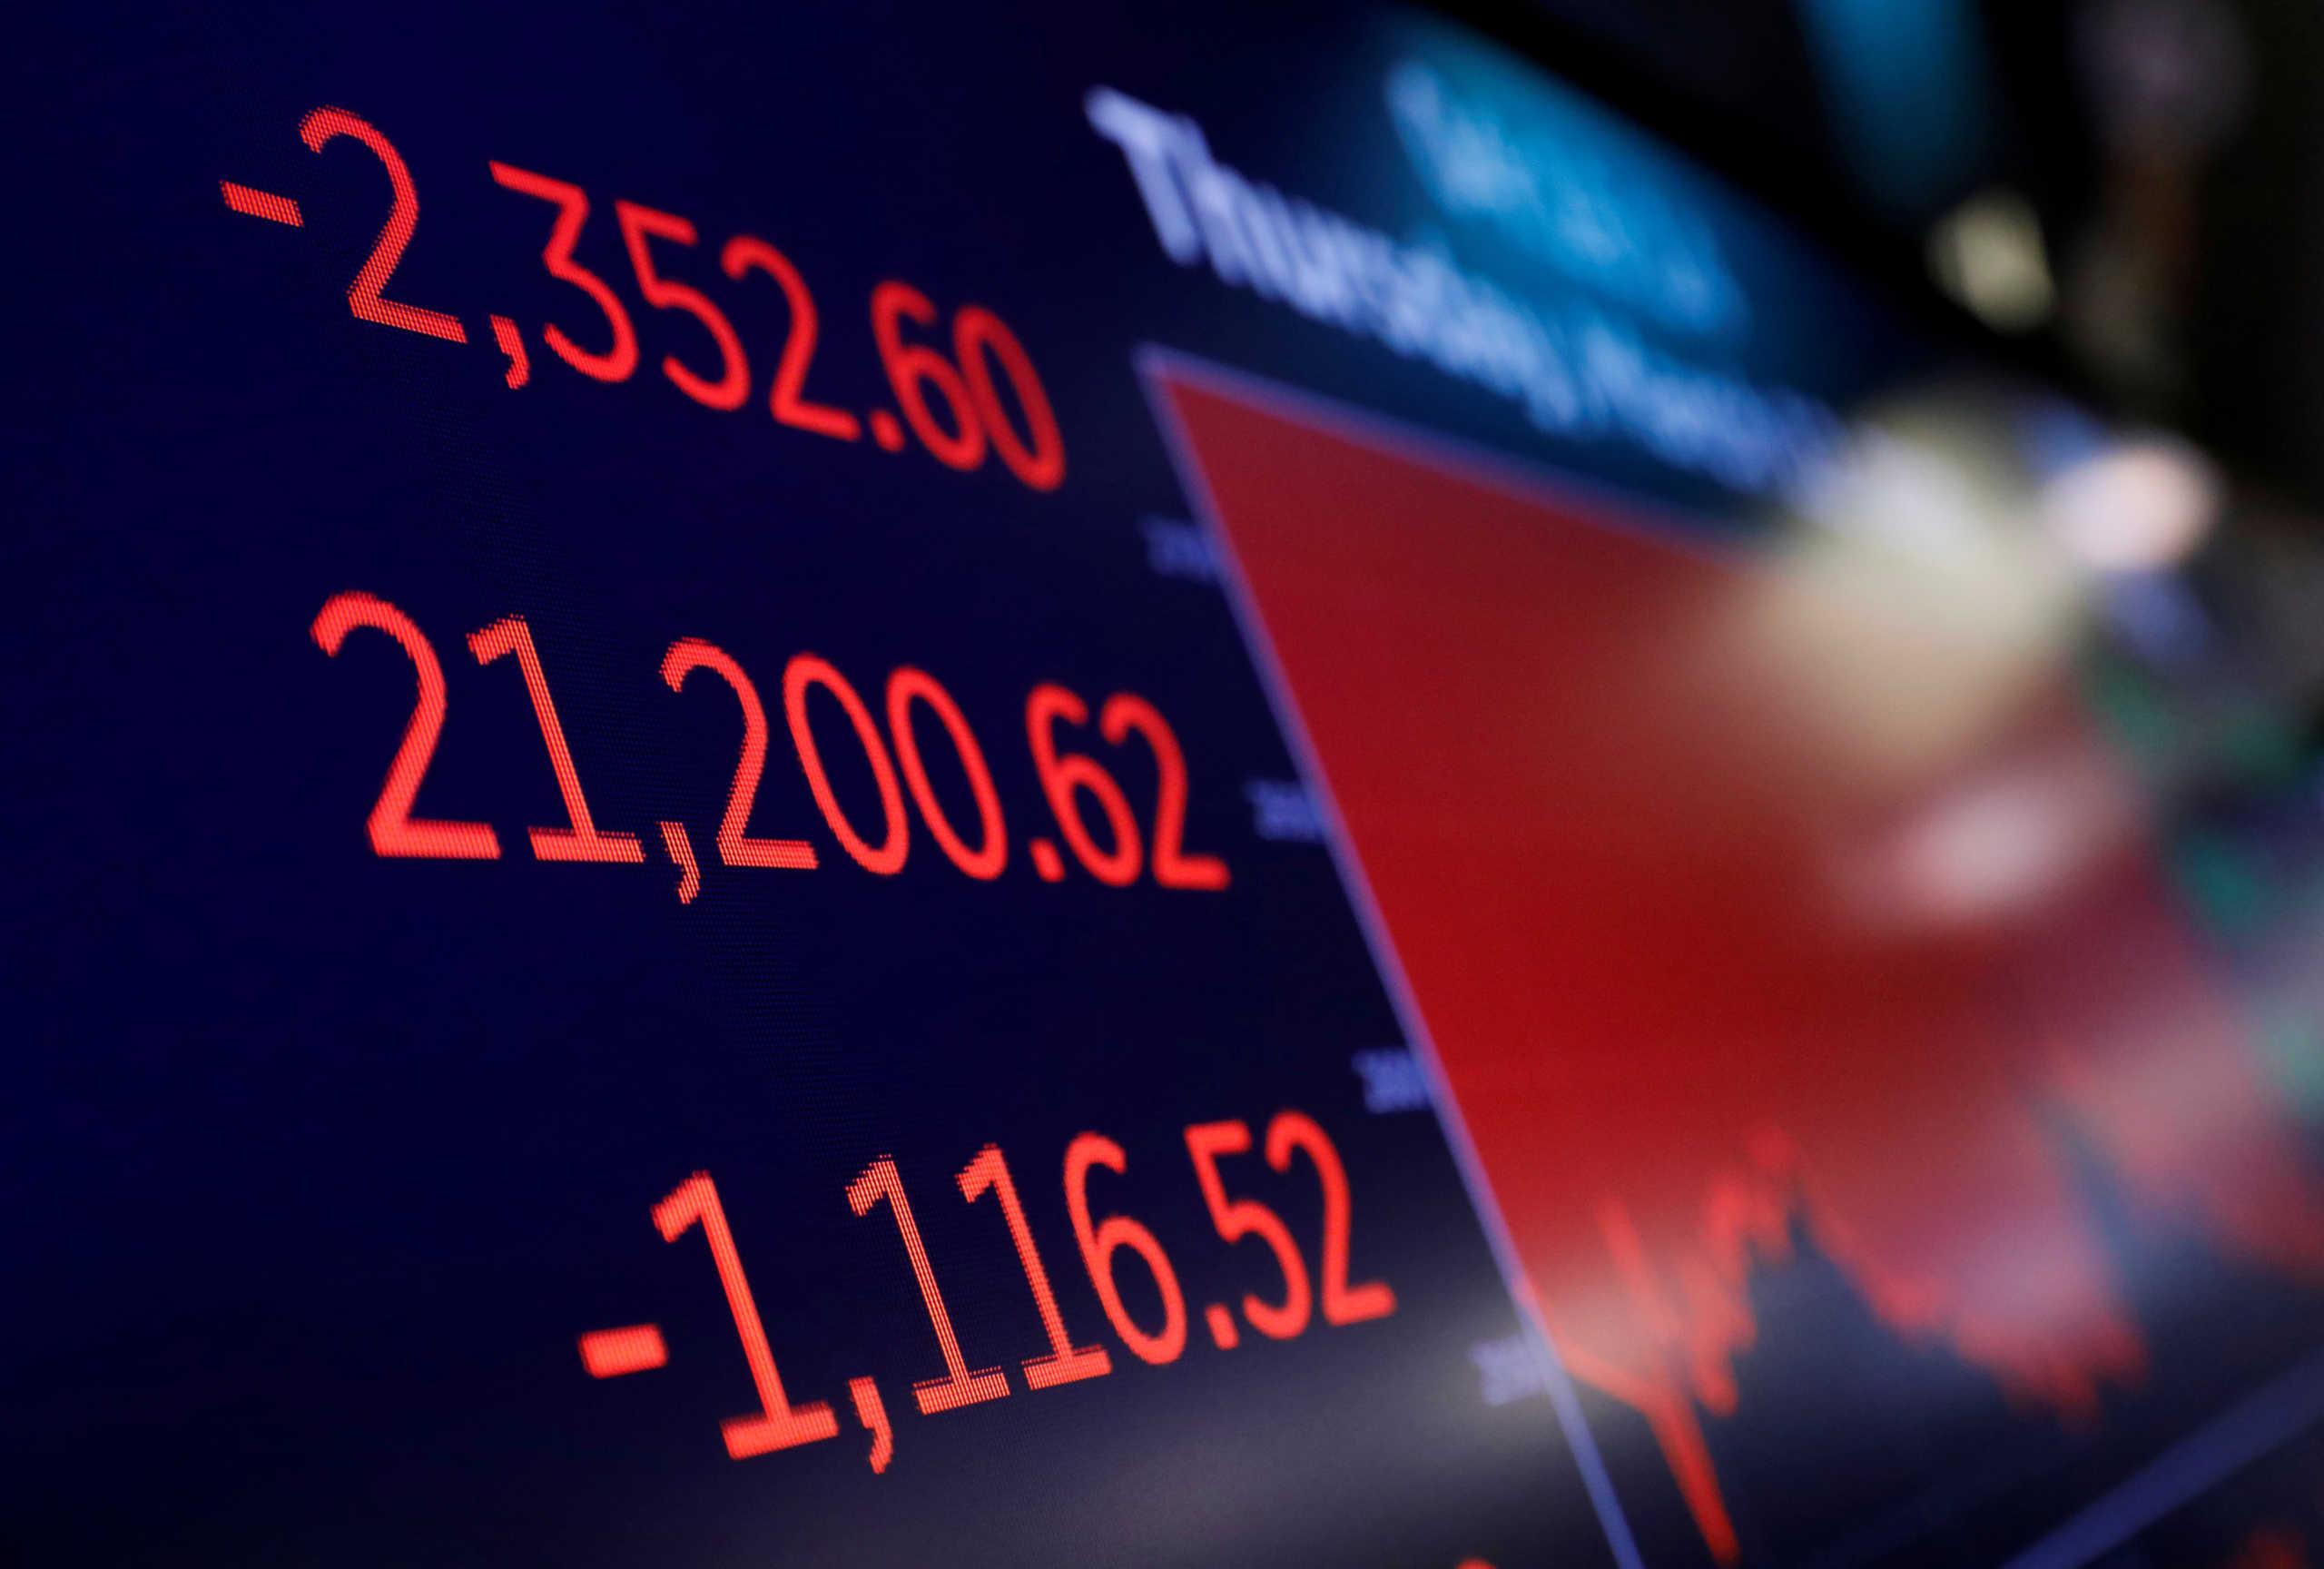 Ο φόβος του κορονοϊού και της ύφεσης πληγώνει και τρομάζει την διεθνή οικονομία